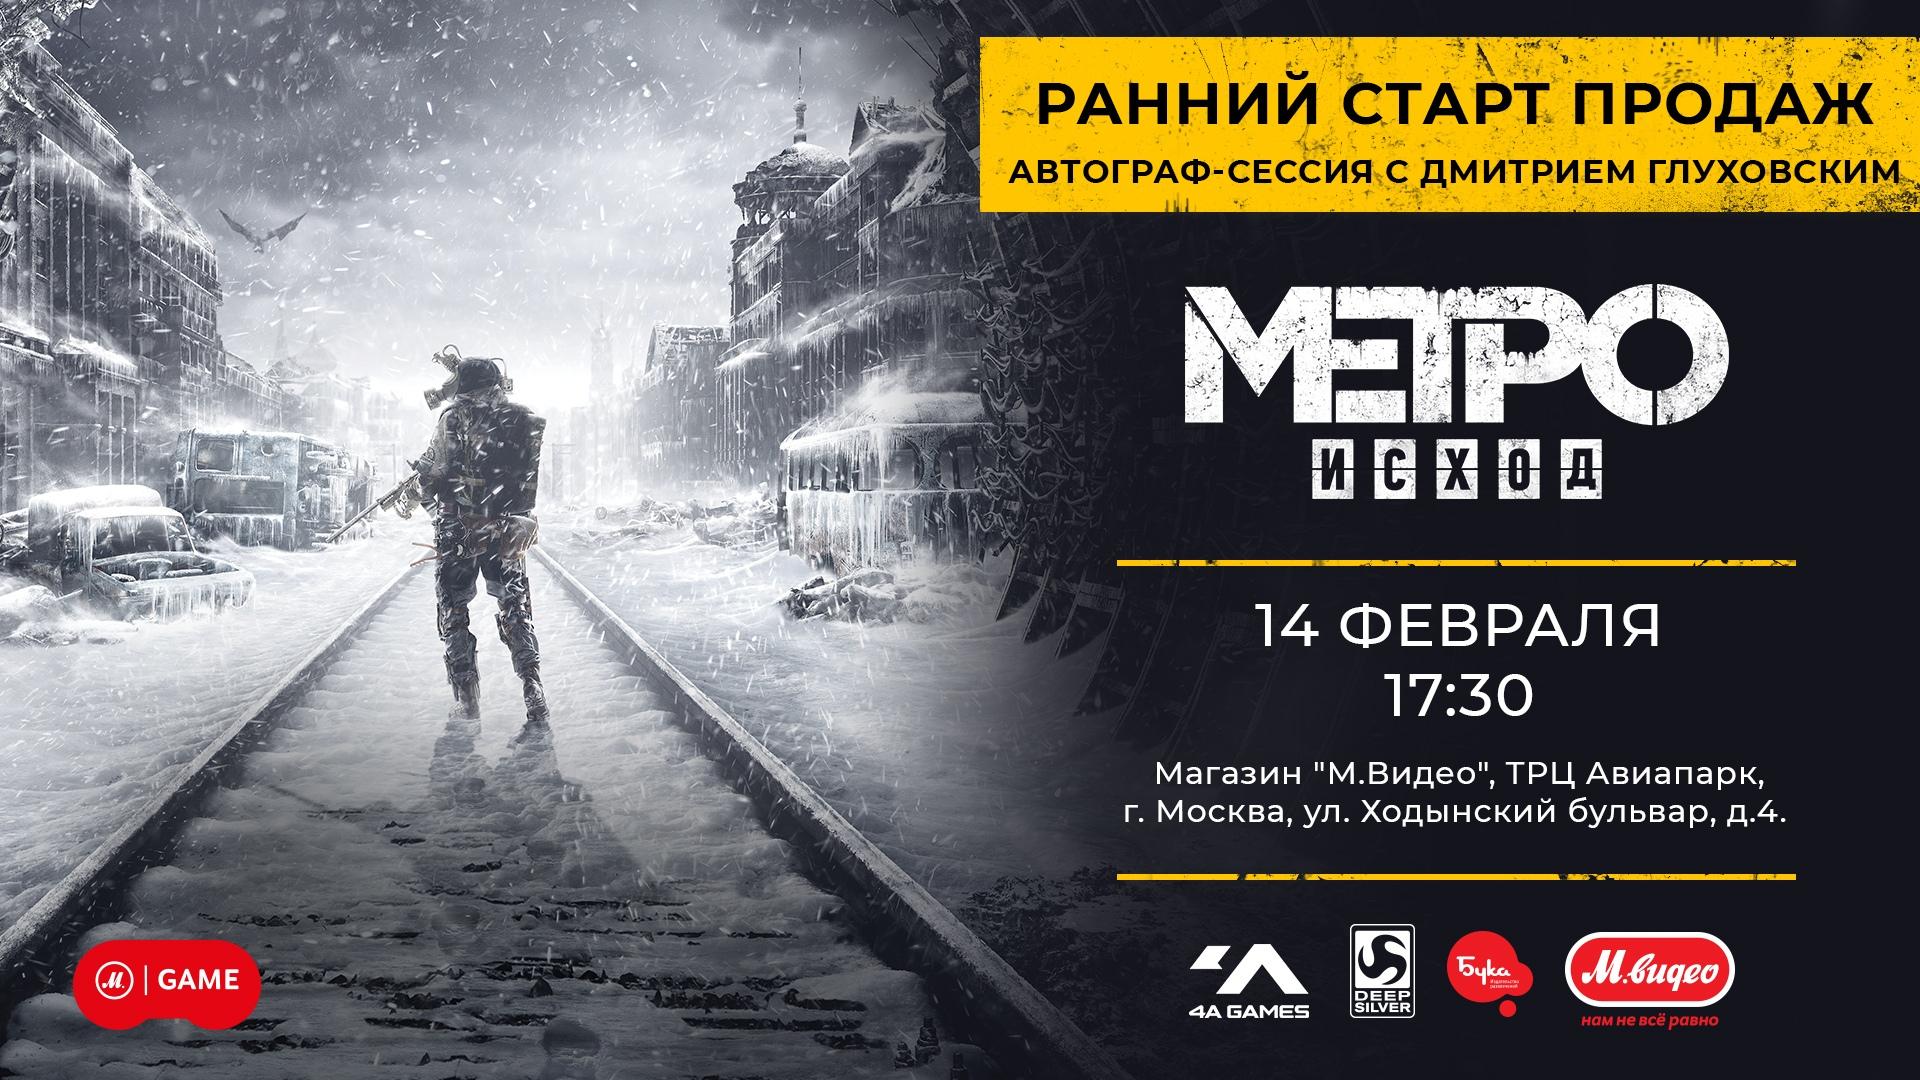 """""""Бука"""" объявила о раннем старте продаж Metro: Exodus в Москве"""